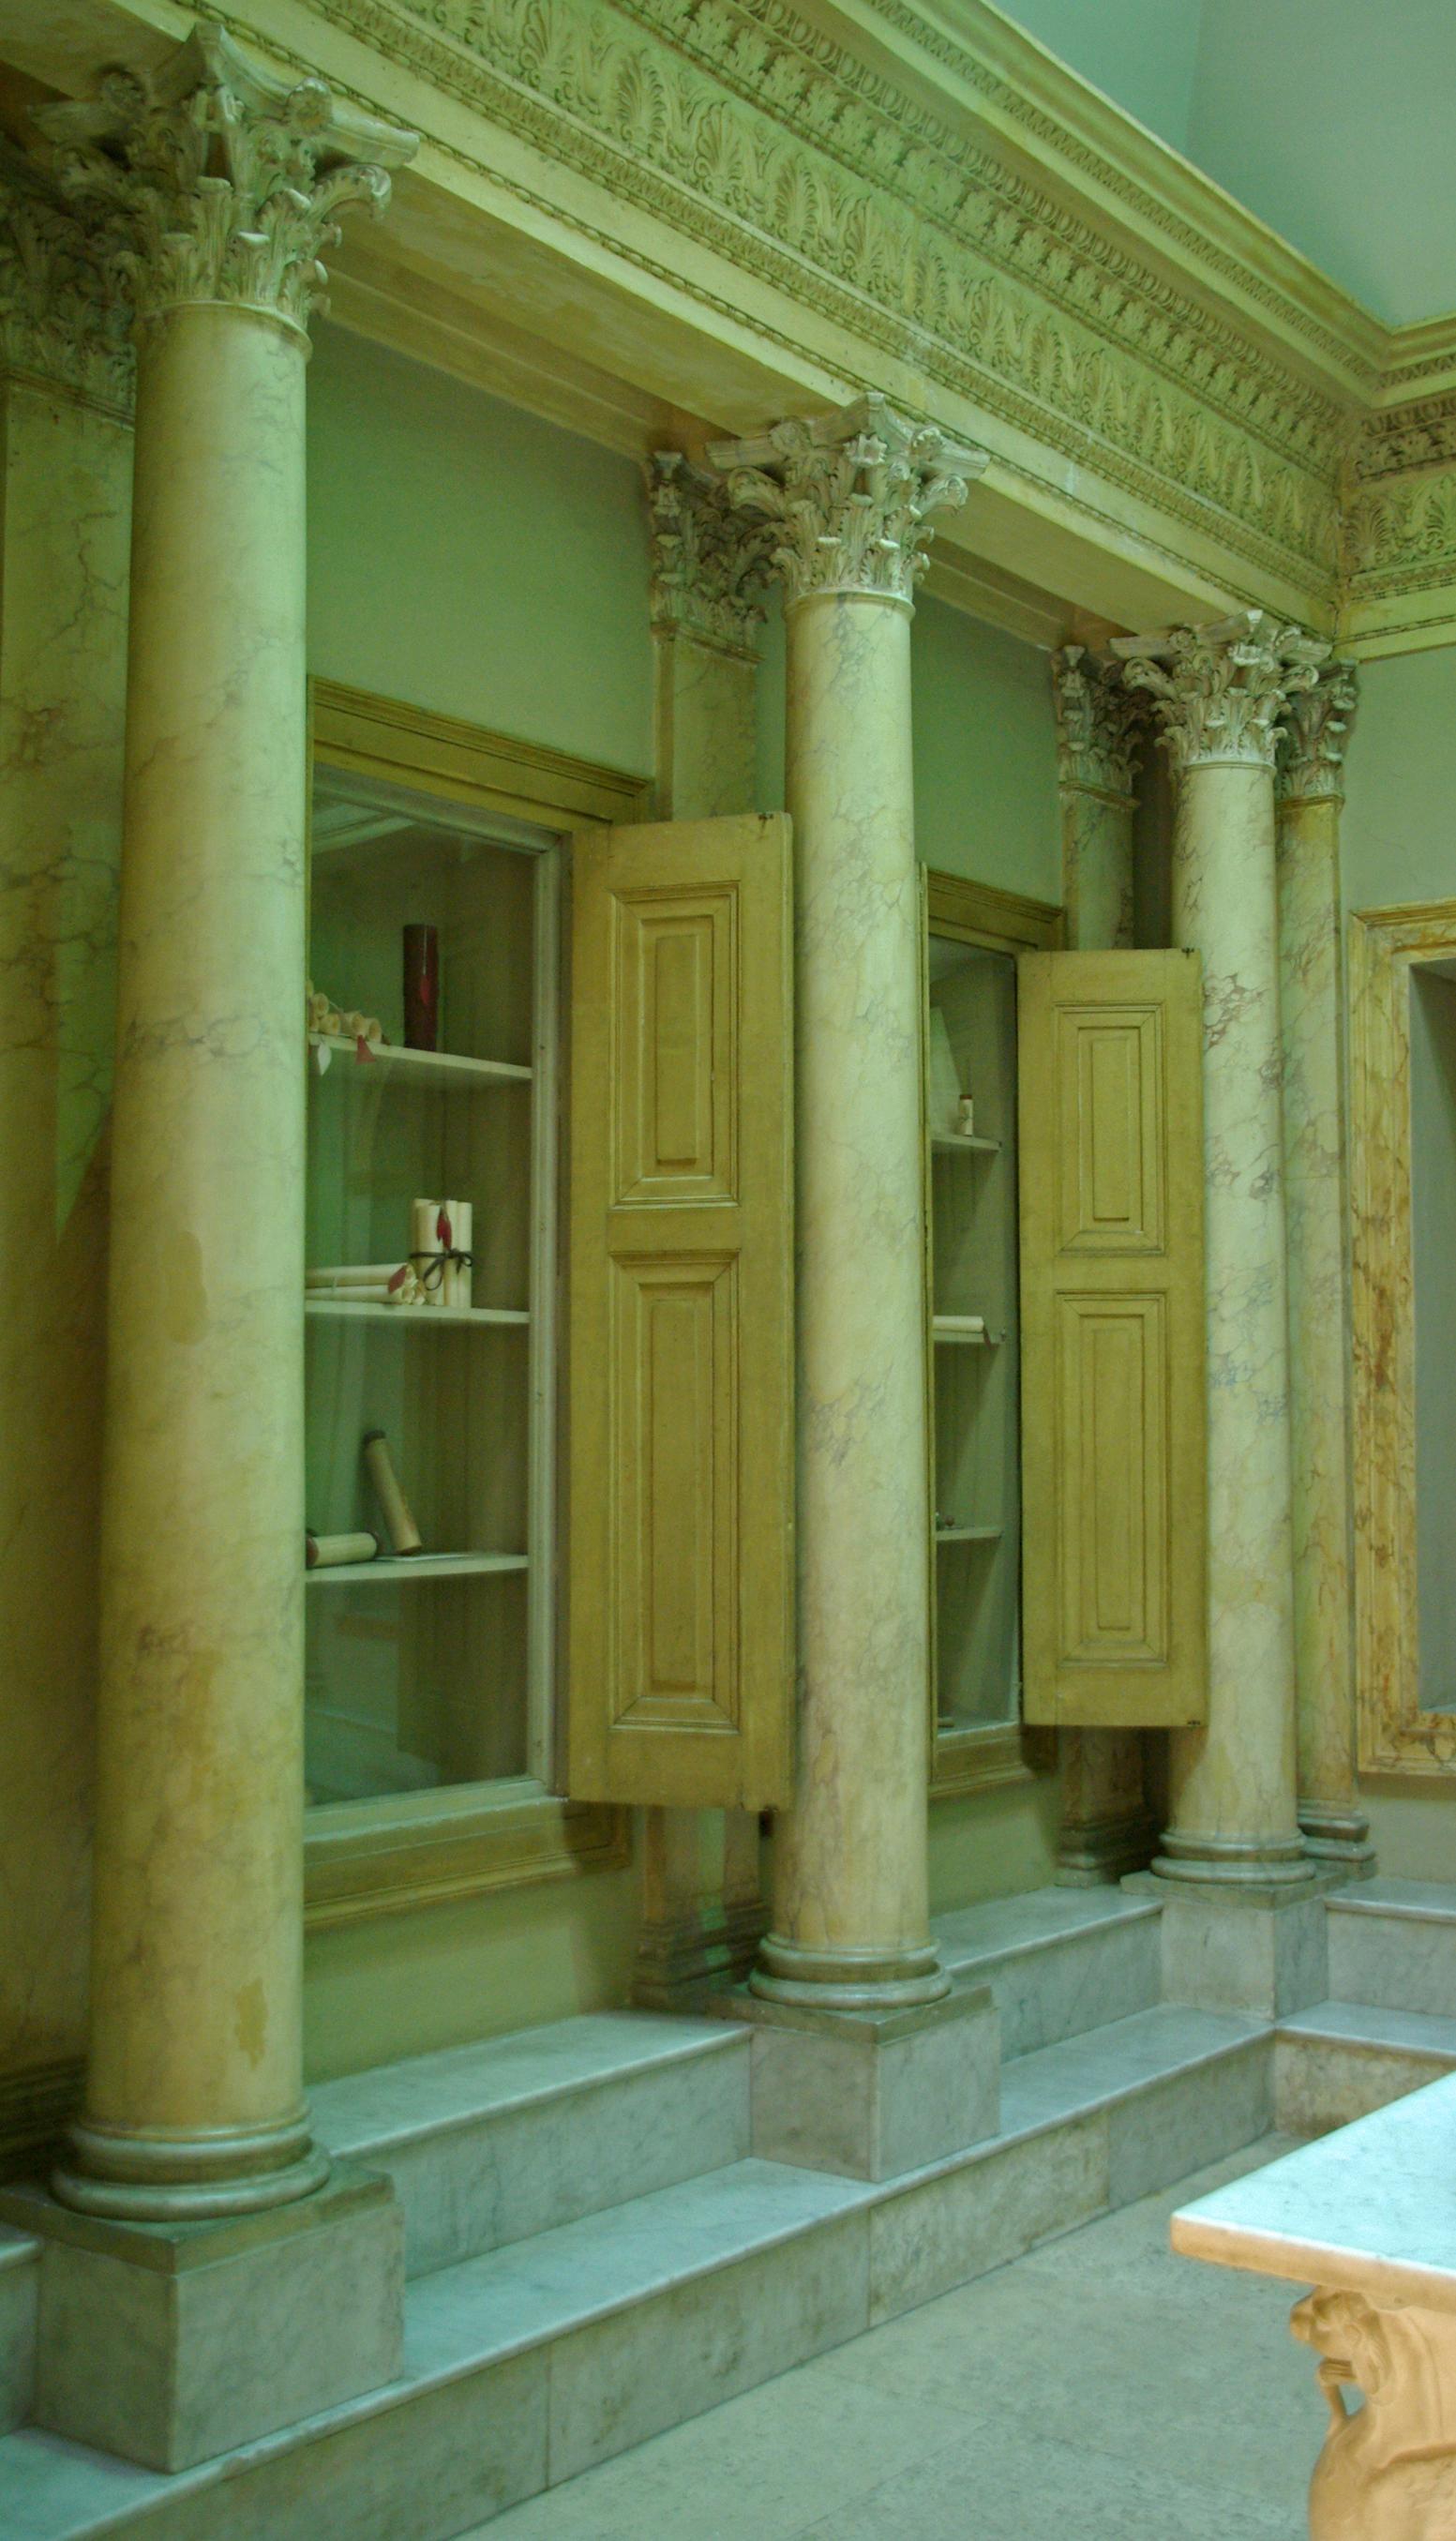 Reconstrucció d'una biblioteca privada, Museo della Civiltà Romana, Roma (Flickr de S.Giralt)